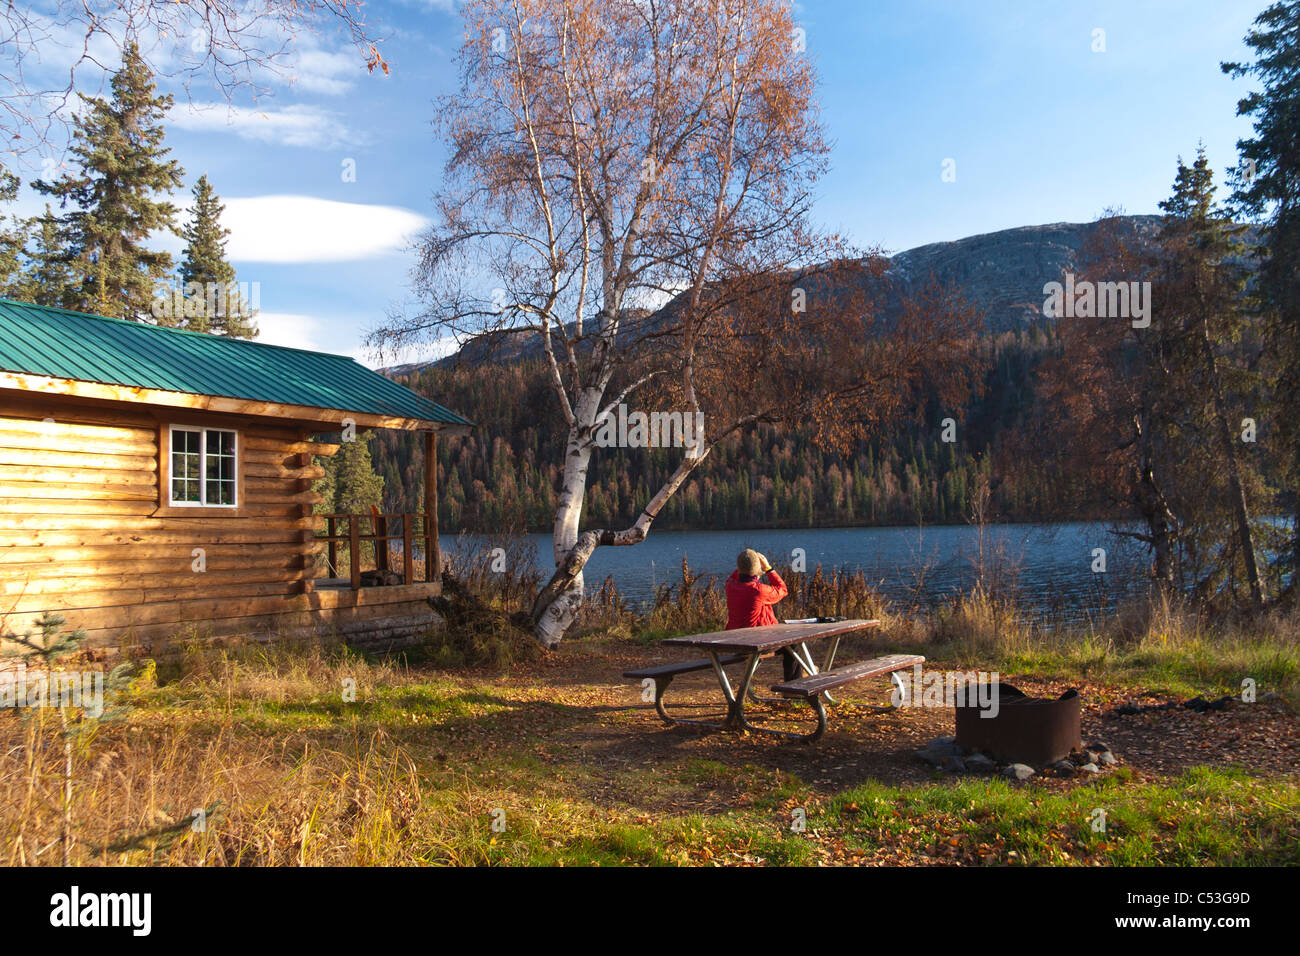 La donna gode guardando le viste attraverso il binocolo mentre a un tavolo da picnic, Byers Lago di uso pubblico Immagini Stock